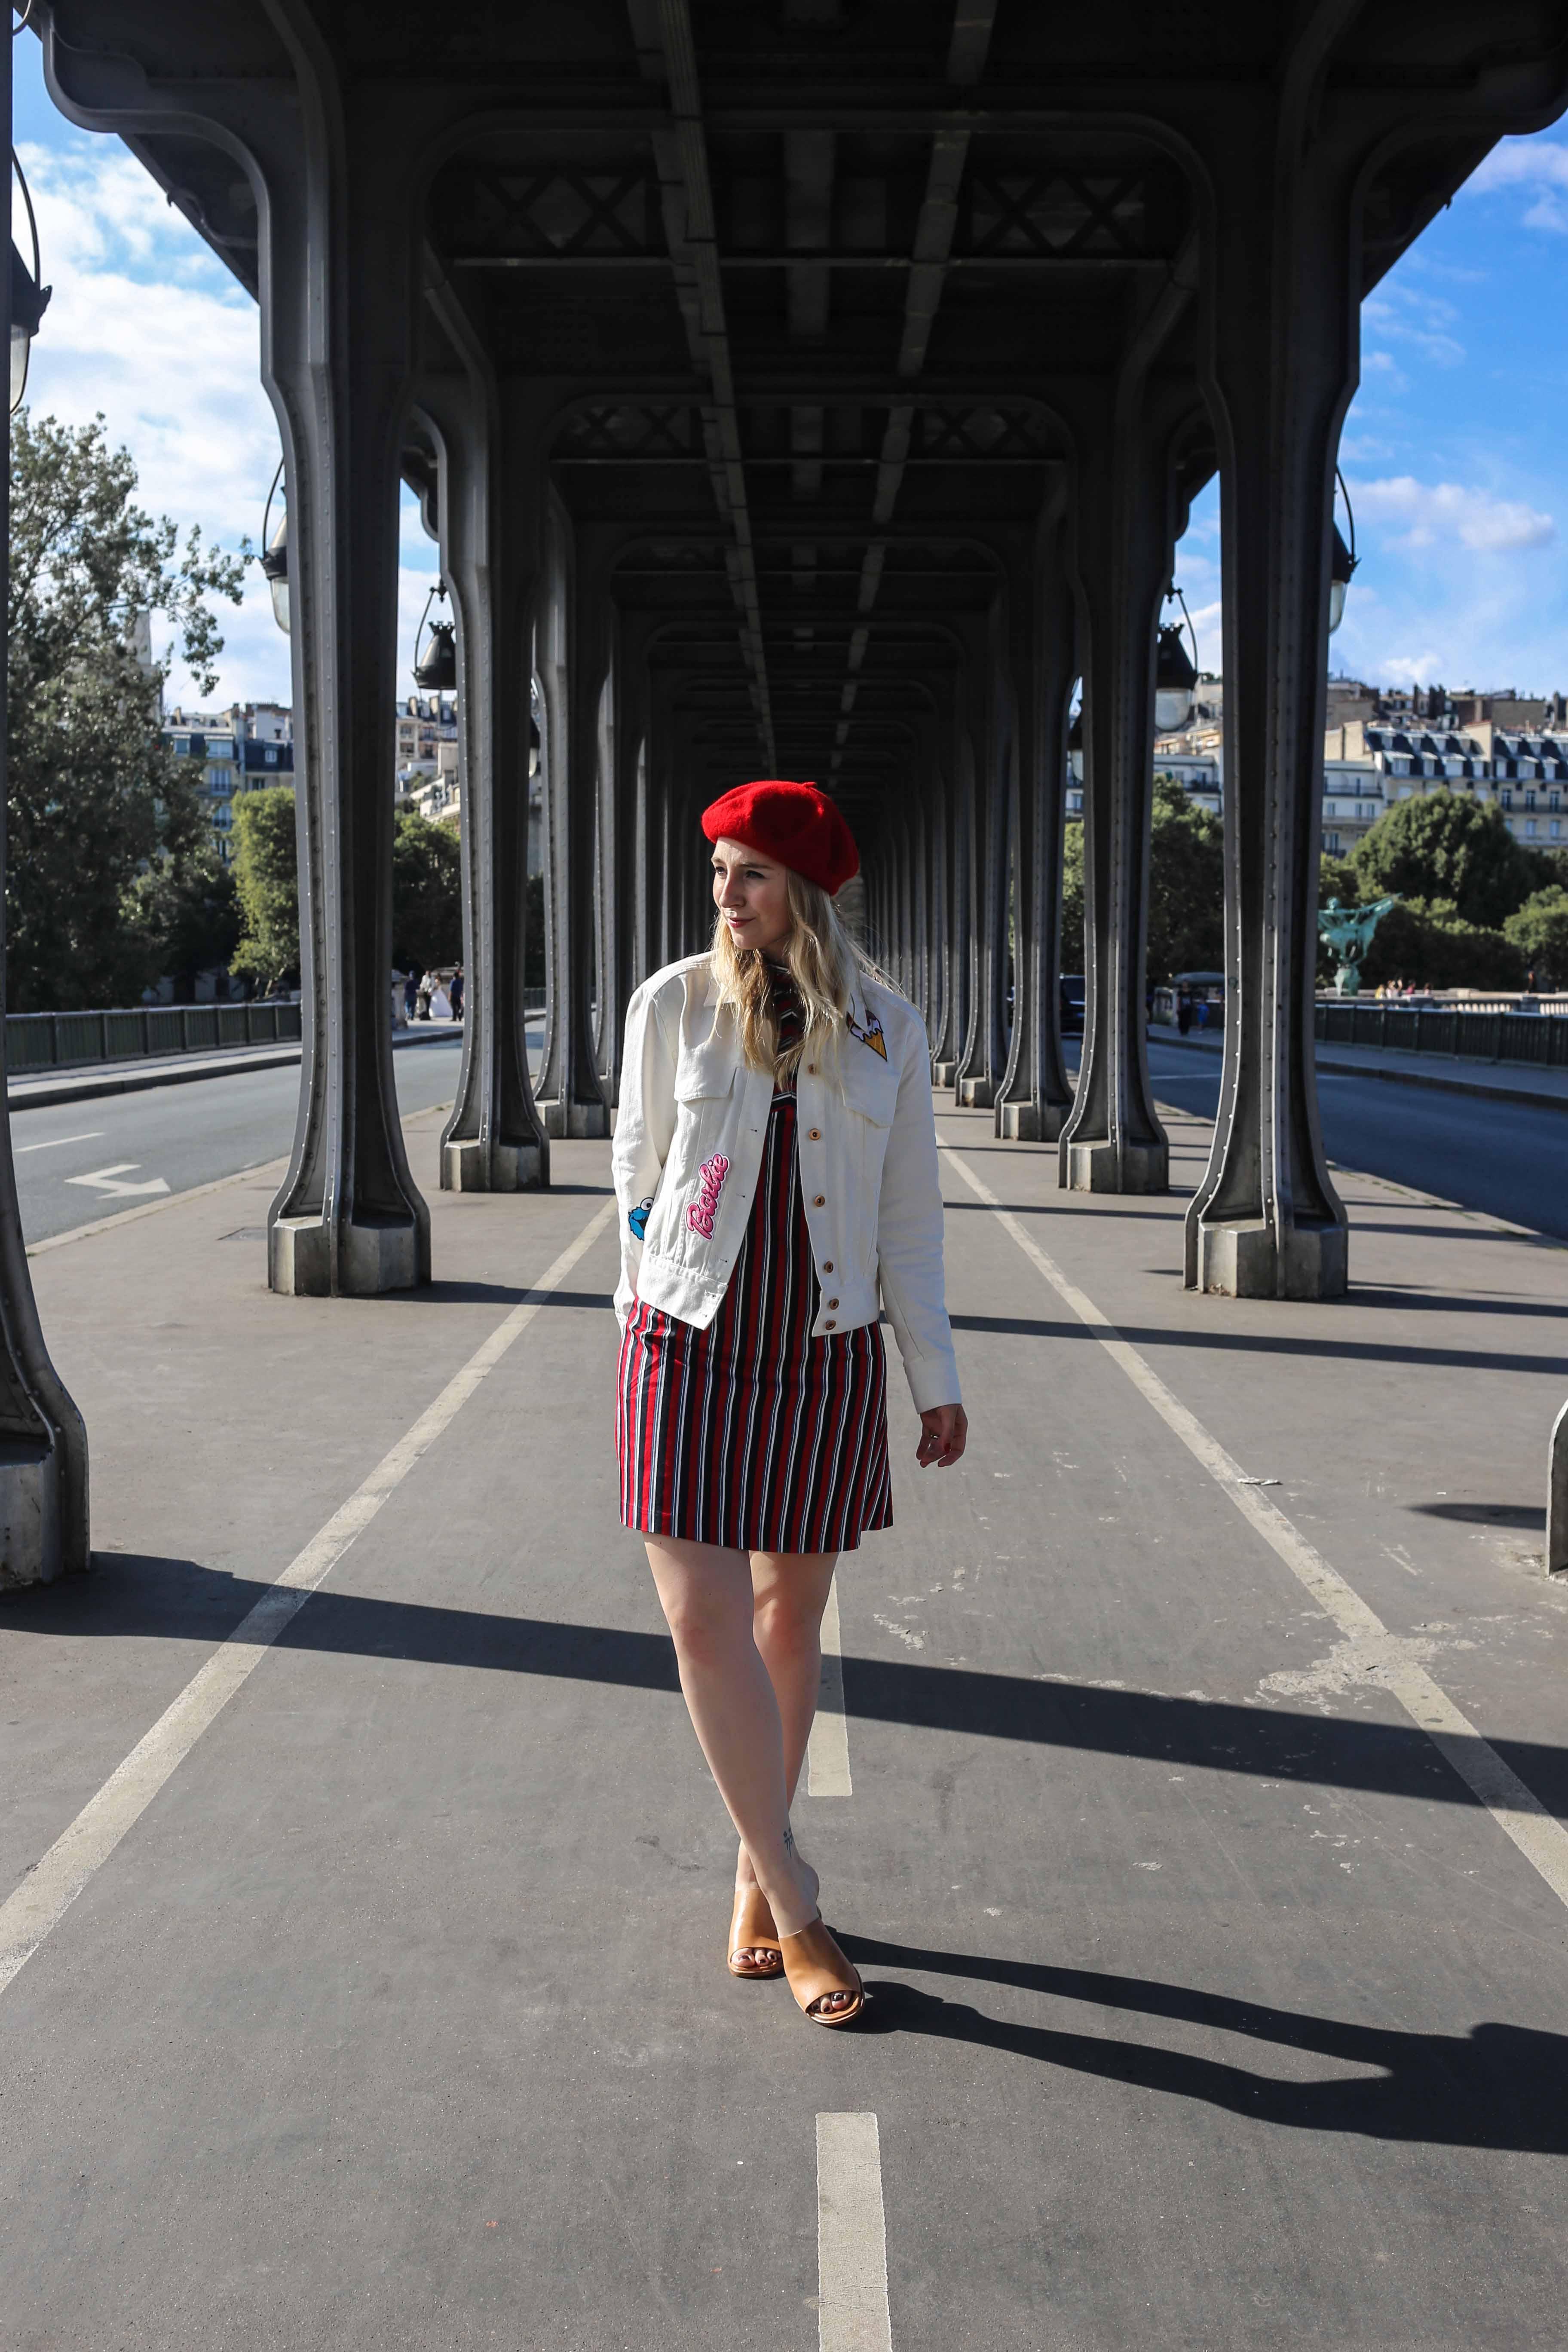 kurztrip-paris-7-tipps-stadt-der-liebe-frankreich-reiseblog-travelblog_0908